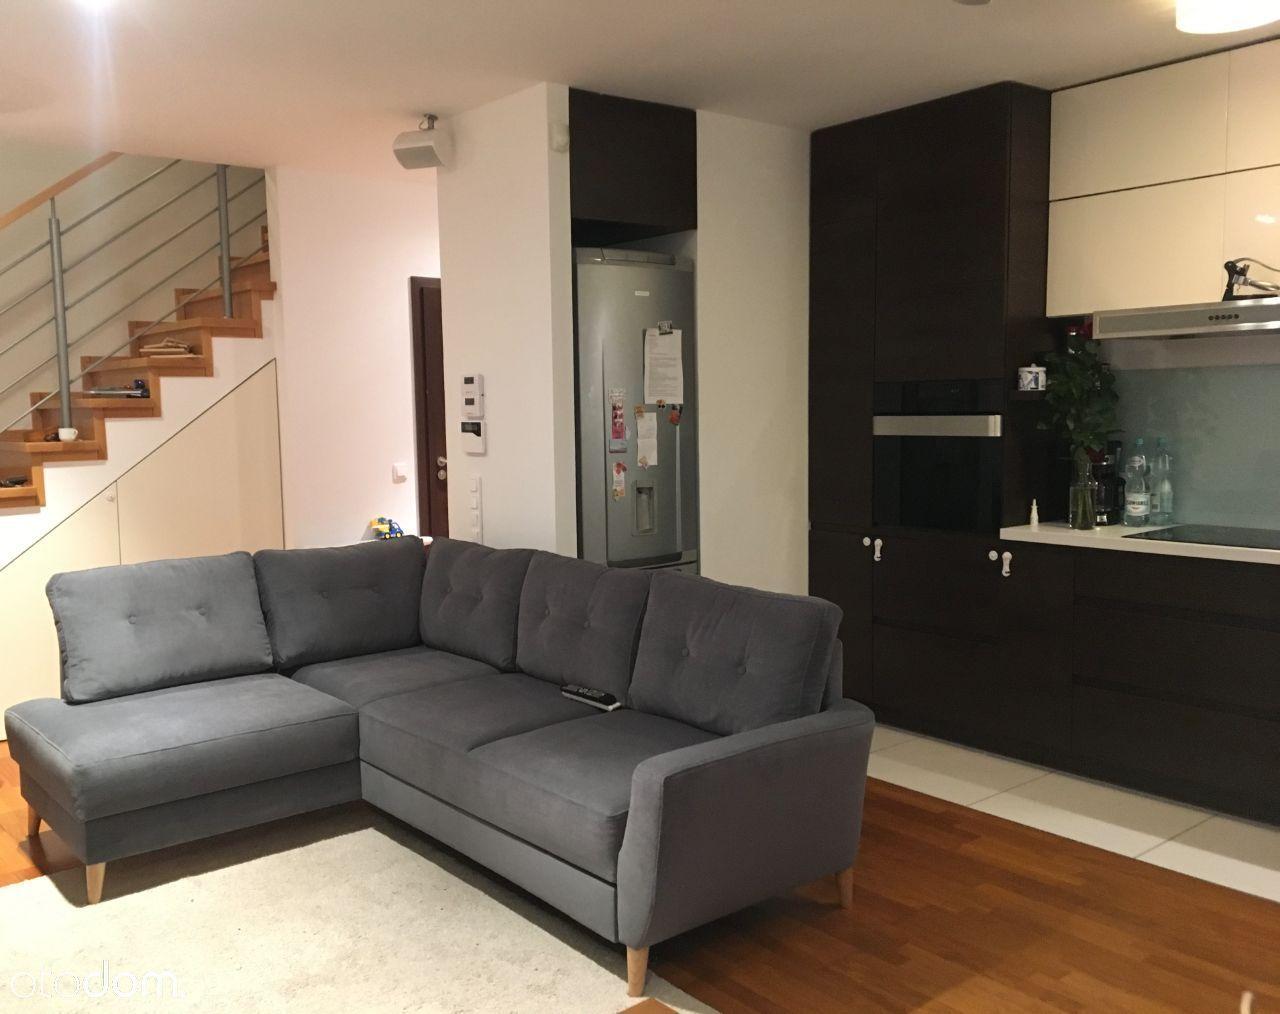 Dom/mieszkanie/szeregowiec wysoki standard